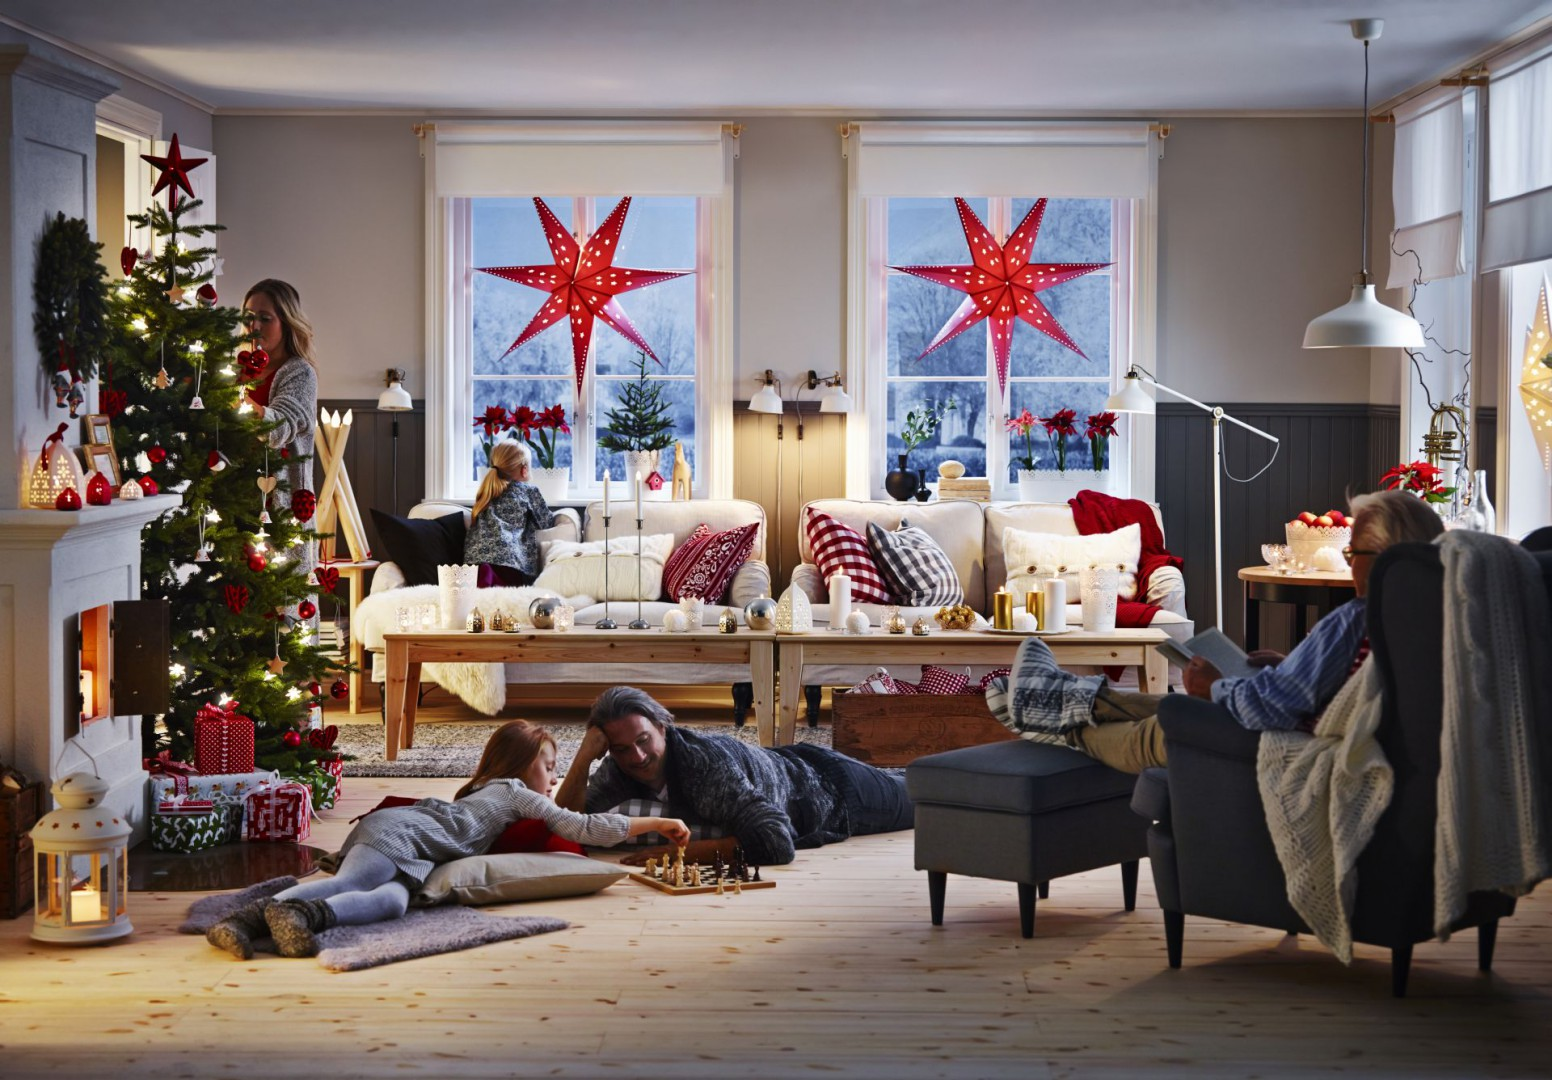 Choinka wprowadza do salonu wyjątkowy klimat, po zapaleniu lampek przestrzeń staje się bardzo nastrojowa. Fot. IKEA